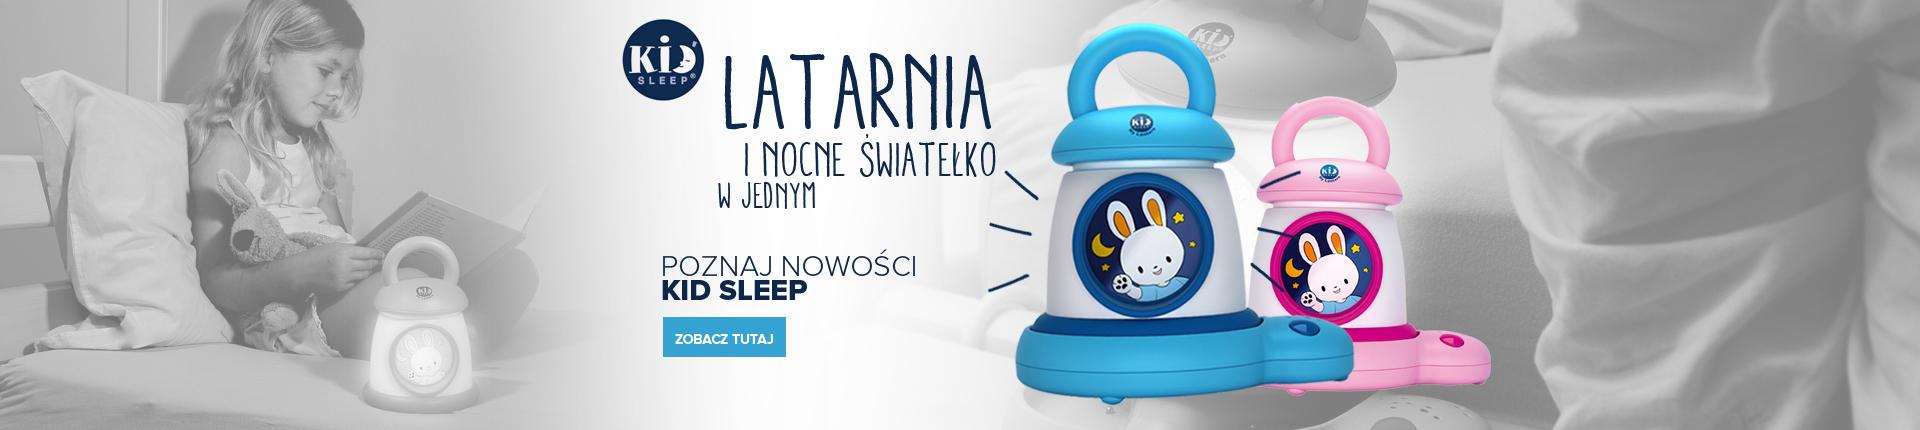 Kid Sleep My Lantern - latarnia i nocne światełko